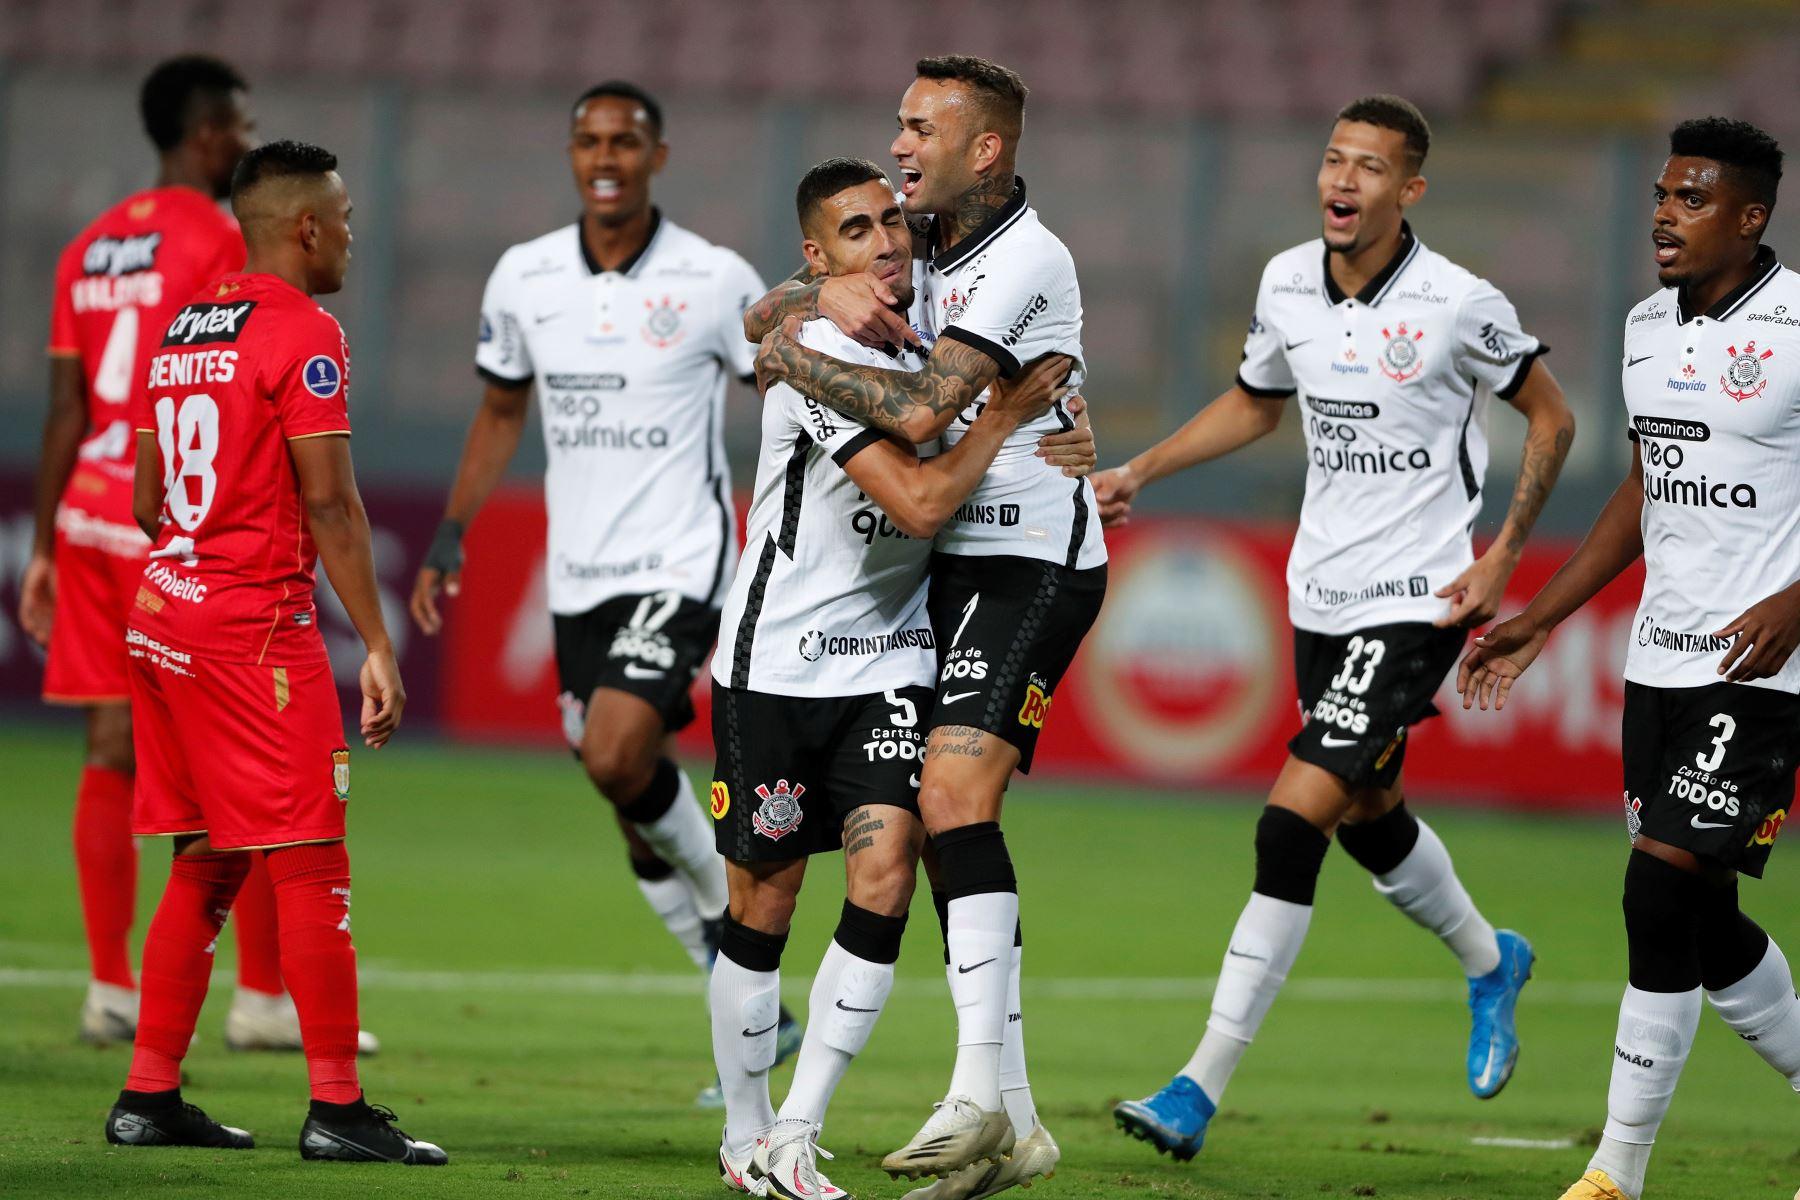 Luan de Jesús de Corinthians celebra un gol tras anotar ante Sport Huancayo por la Copa Sudamericana, en el Estadio Nacional. Foto: EFE